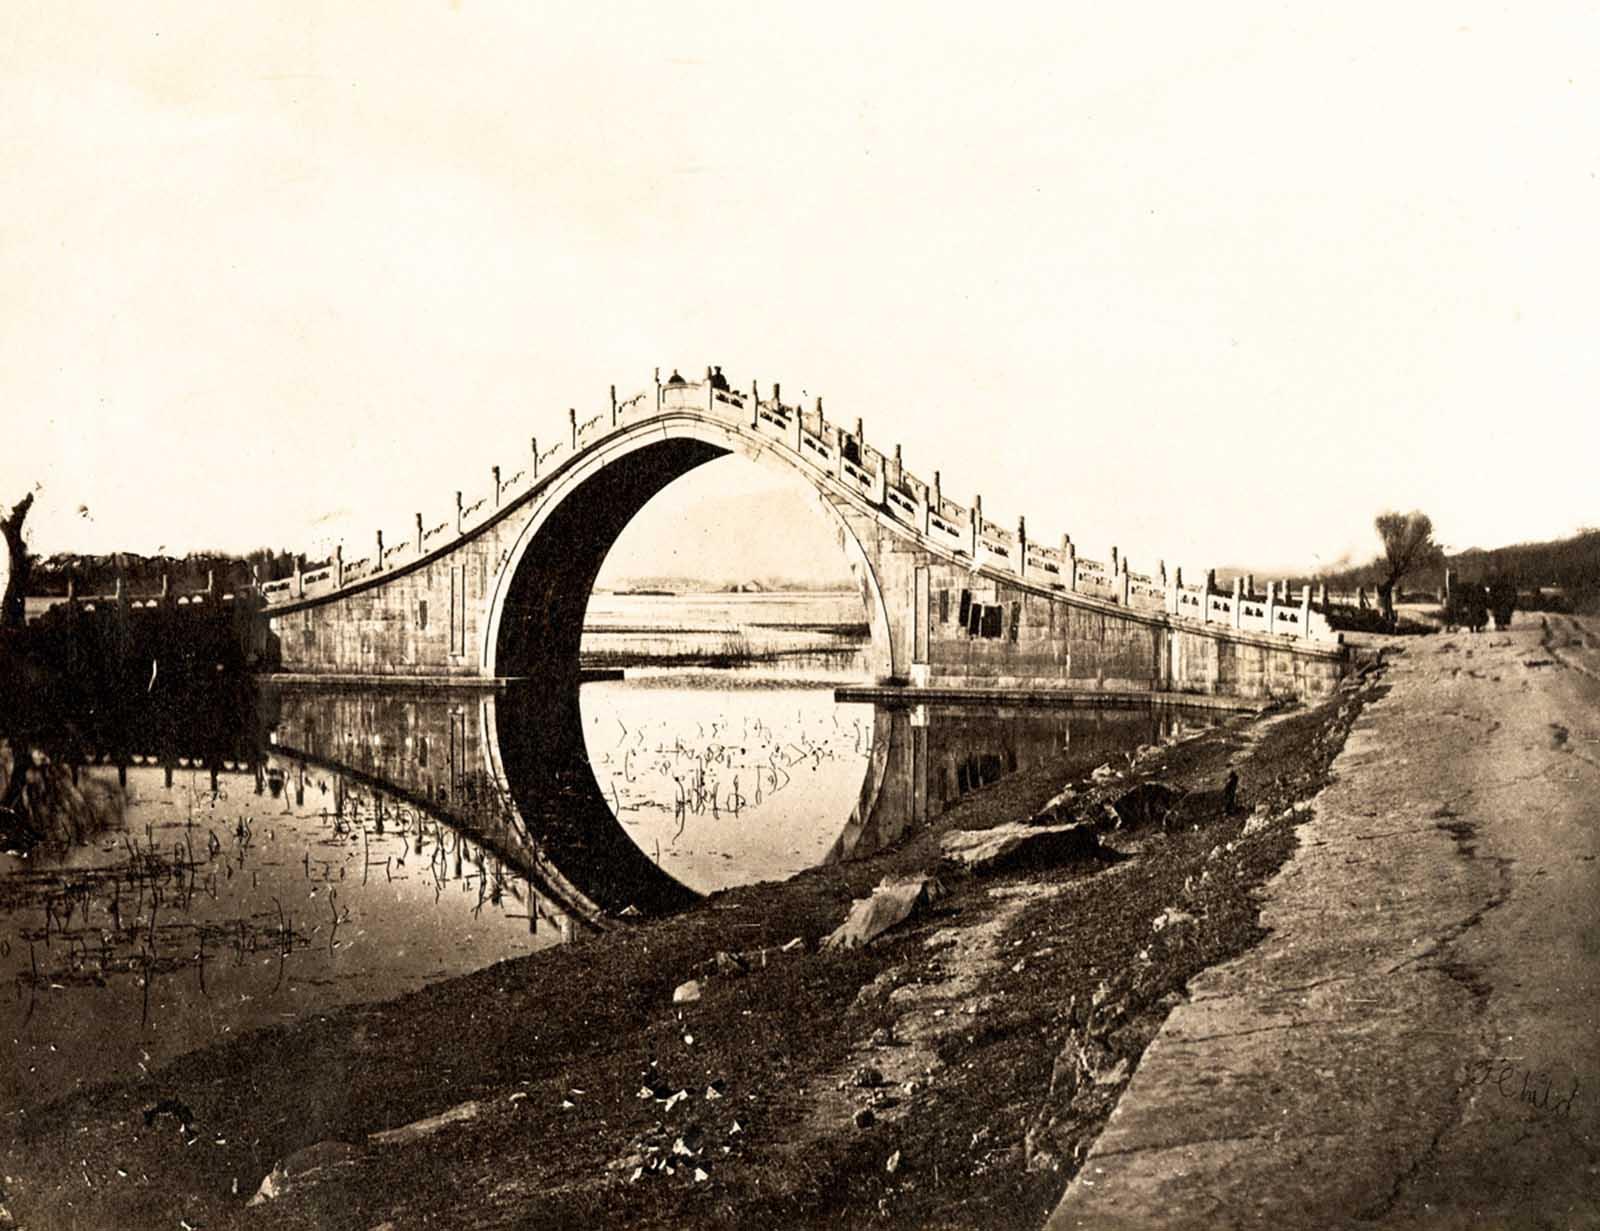 Une vue rare de la Chine de la dernière dynastie, 1870-1880